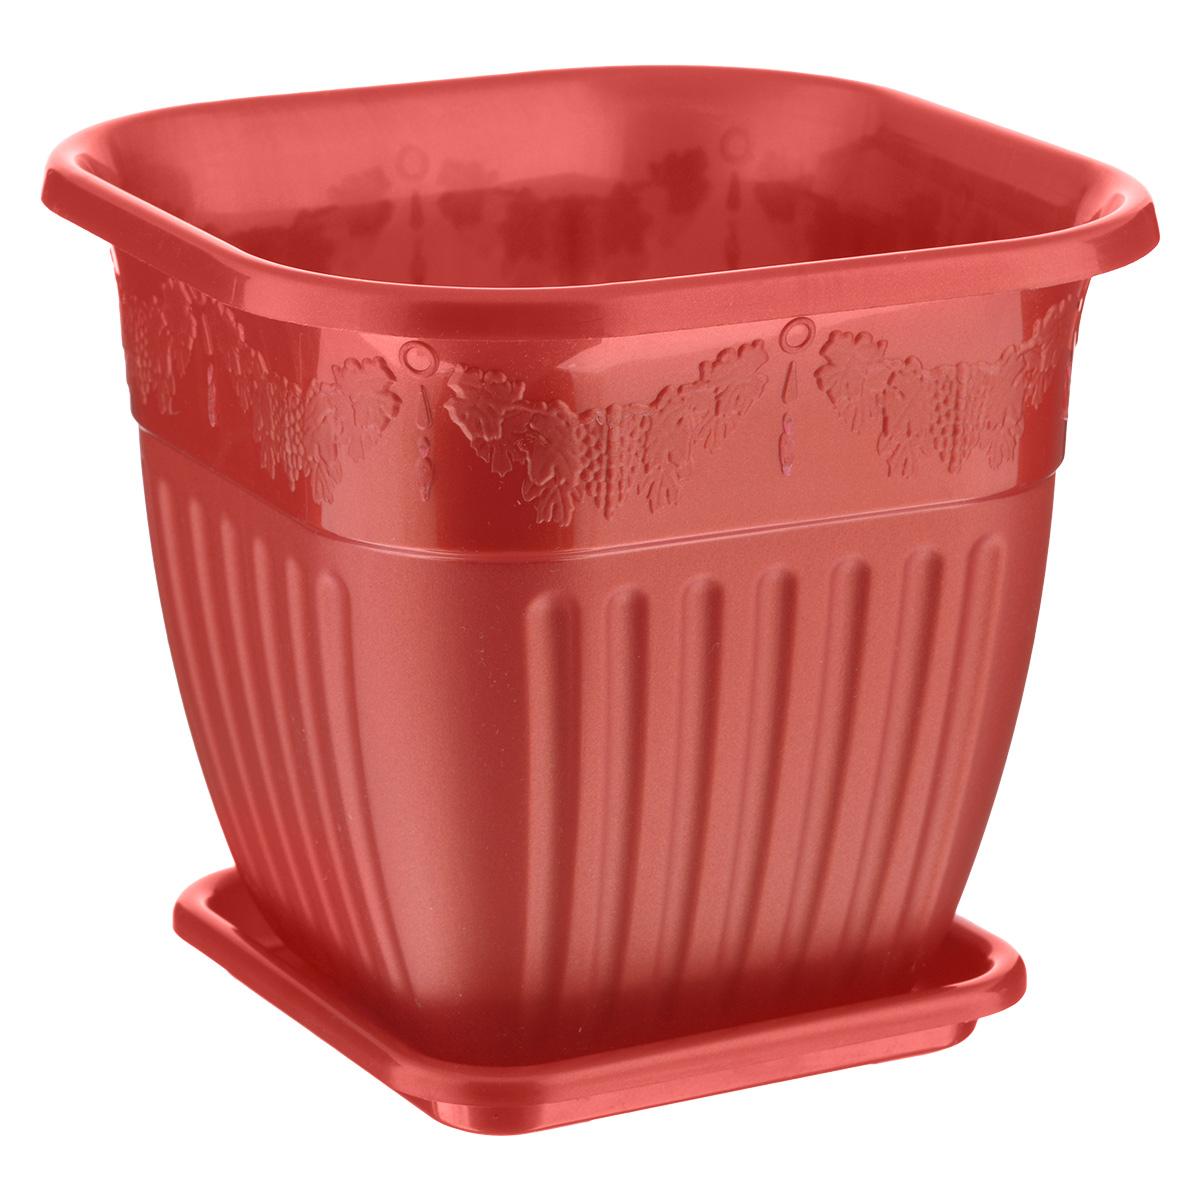 Горшок-кашпо Альтернатива Лозанна, с поддоном, 3 лМ1464тоГоршок-кашпо Альтернатива Лозанна изготовлен из высококачественного пластика и оформлен рельефом в виде виноградной лозы. Специальный поддон предназначен для стока воды. Изделие прекрасно подходит для выращивания растений и цветов в домашних условиях. Стильный дизайн сделает такое кашпо отличным дополнением интерьера.